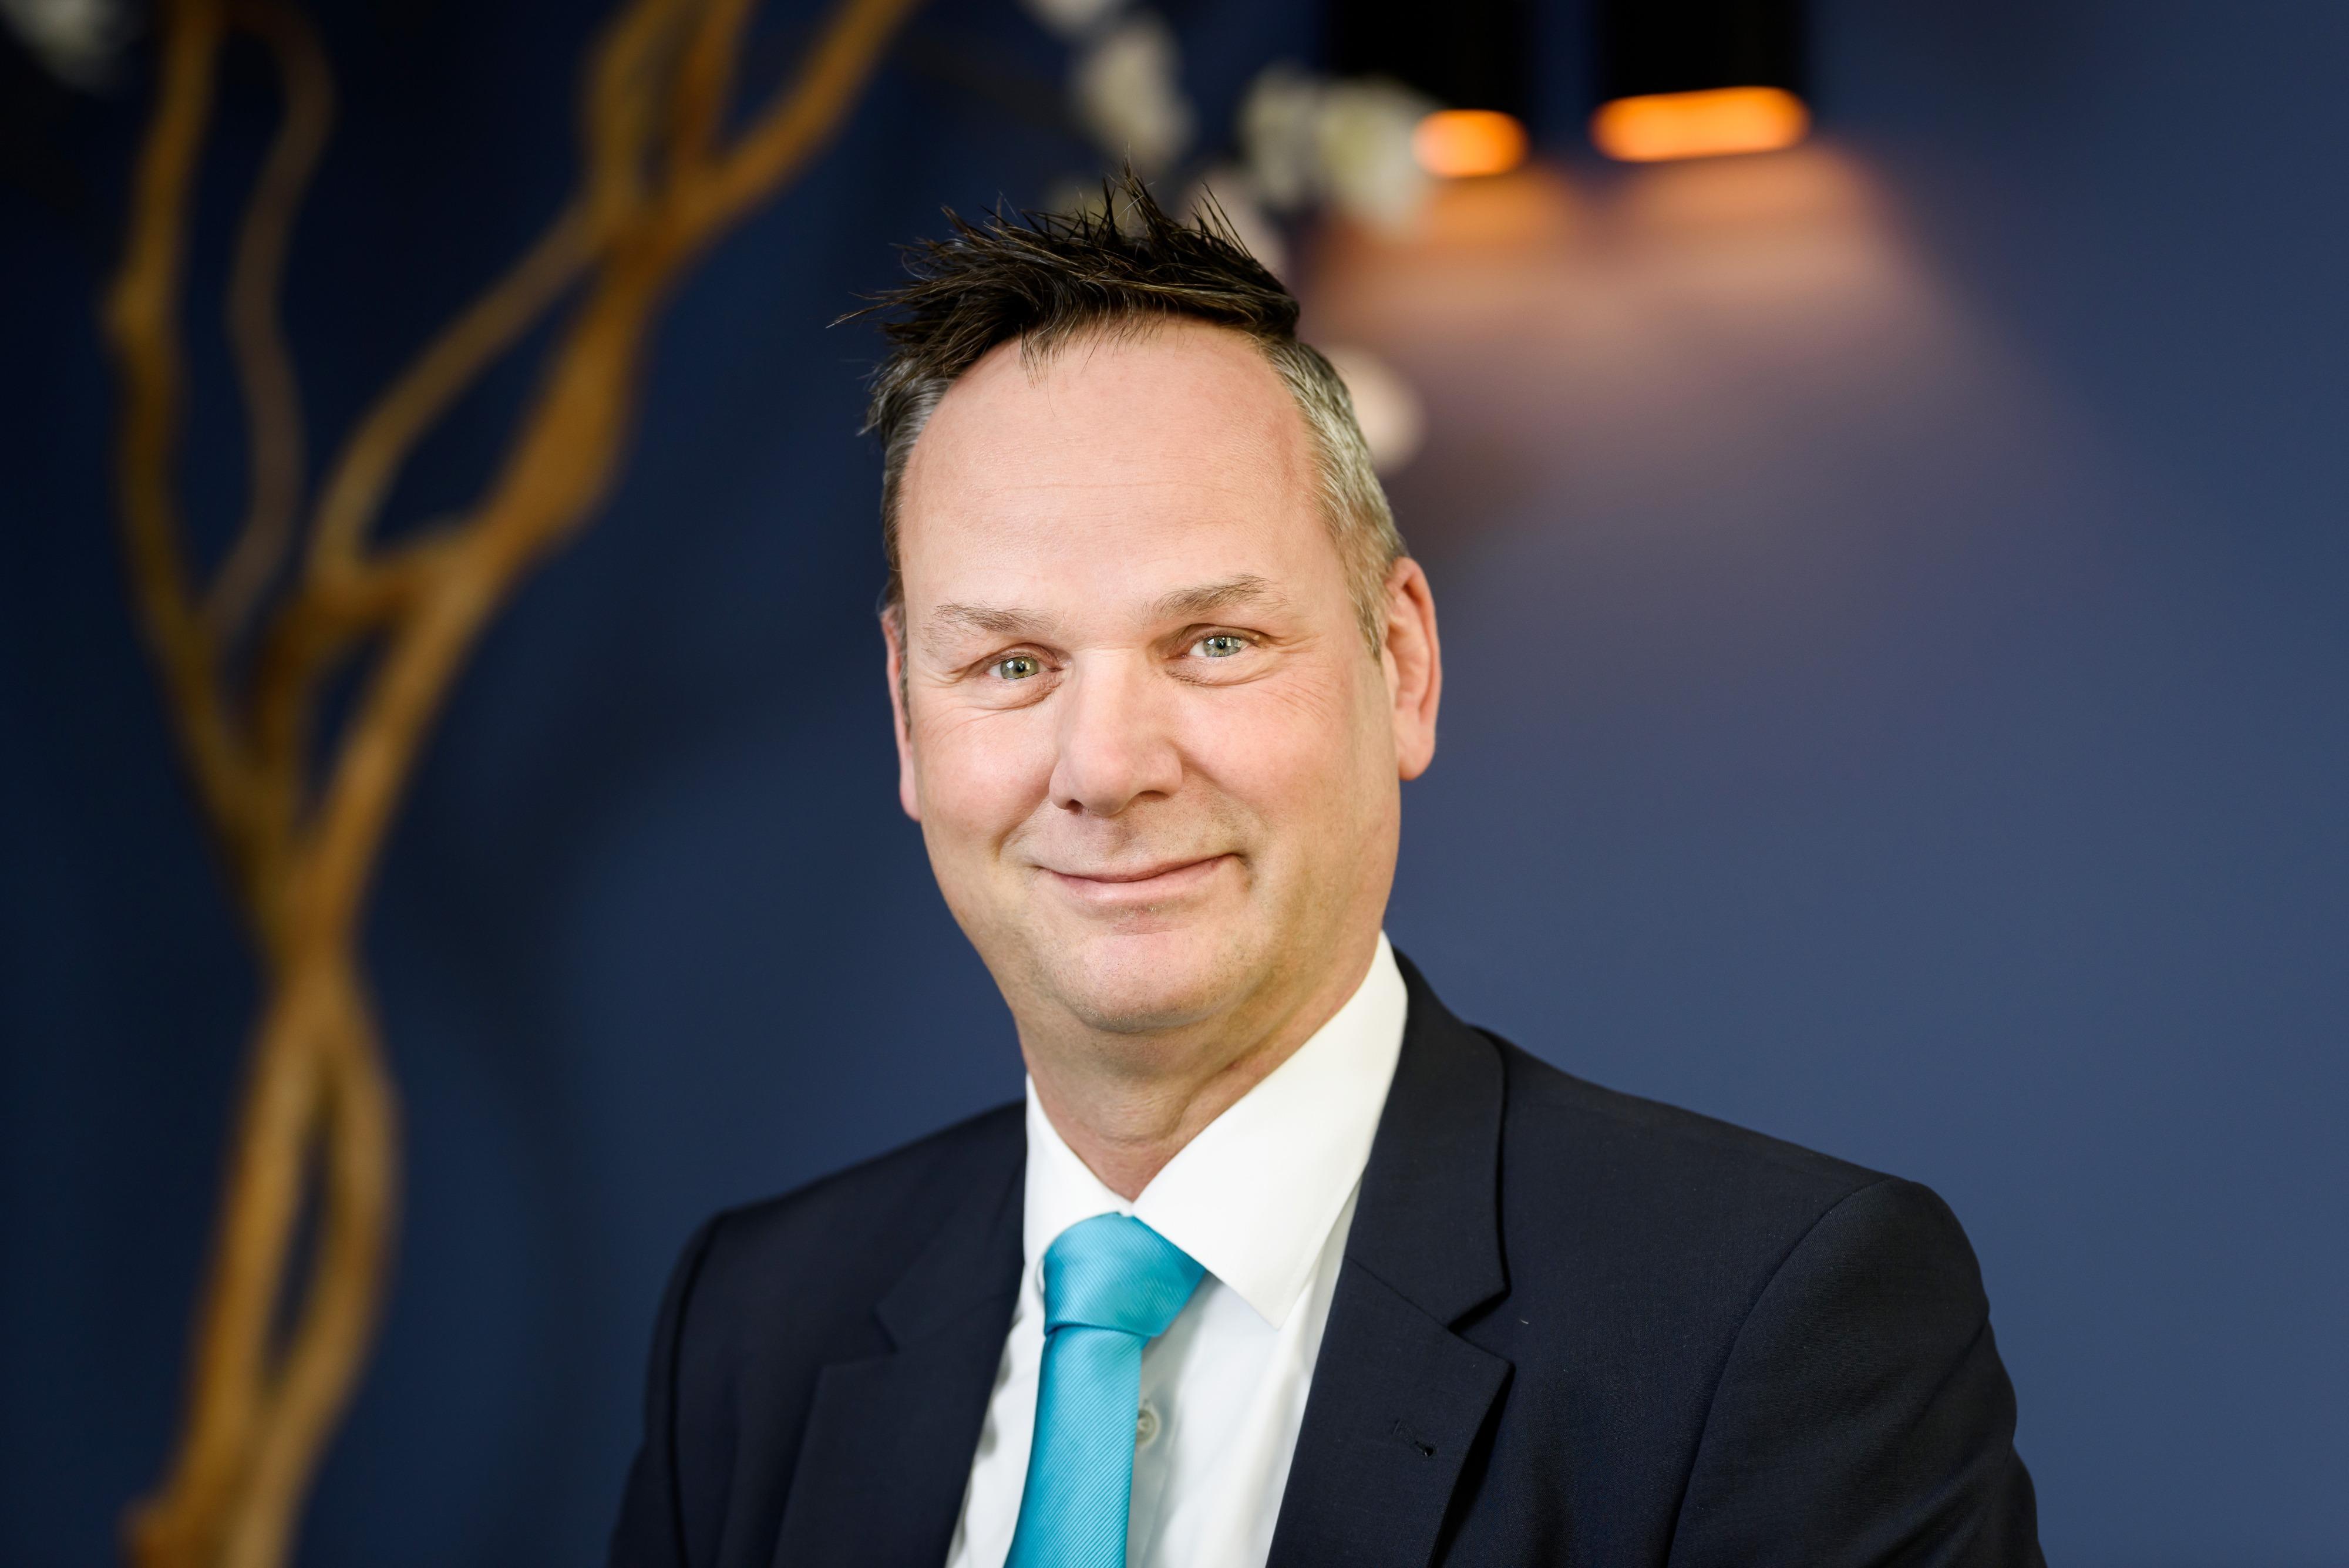 Paul Köhler